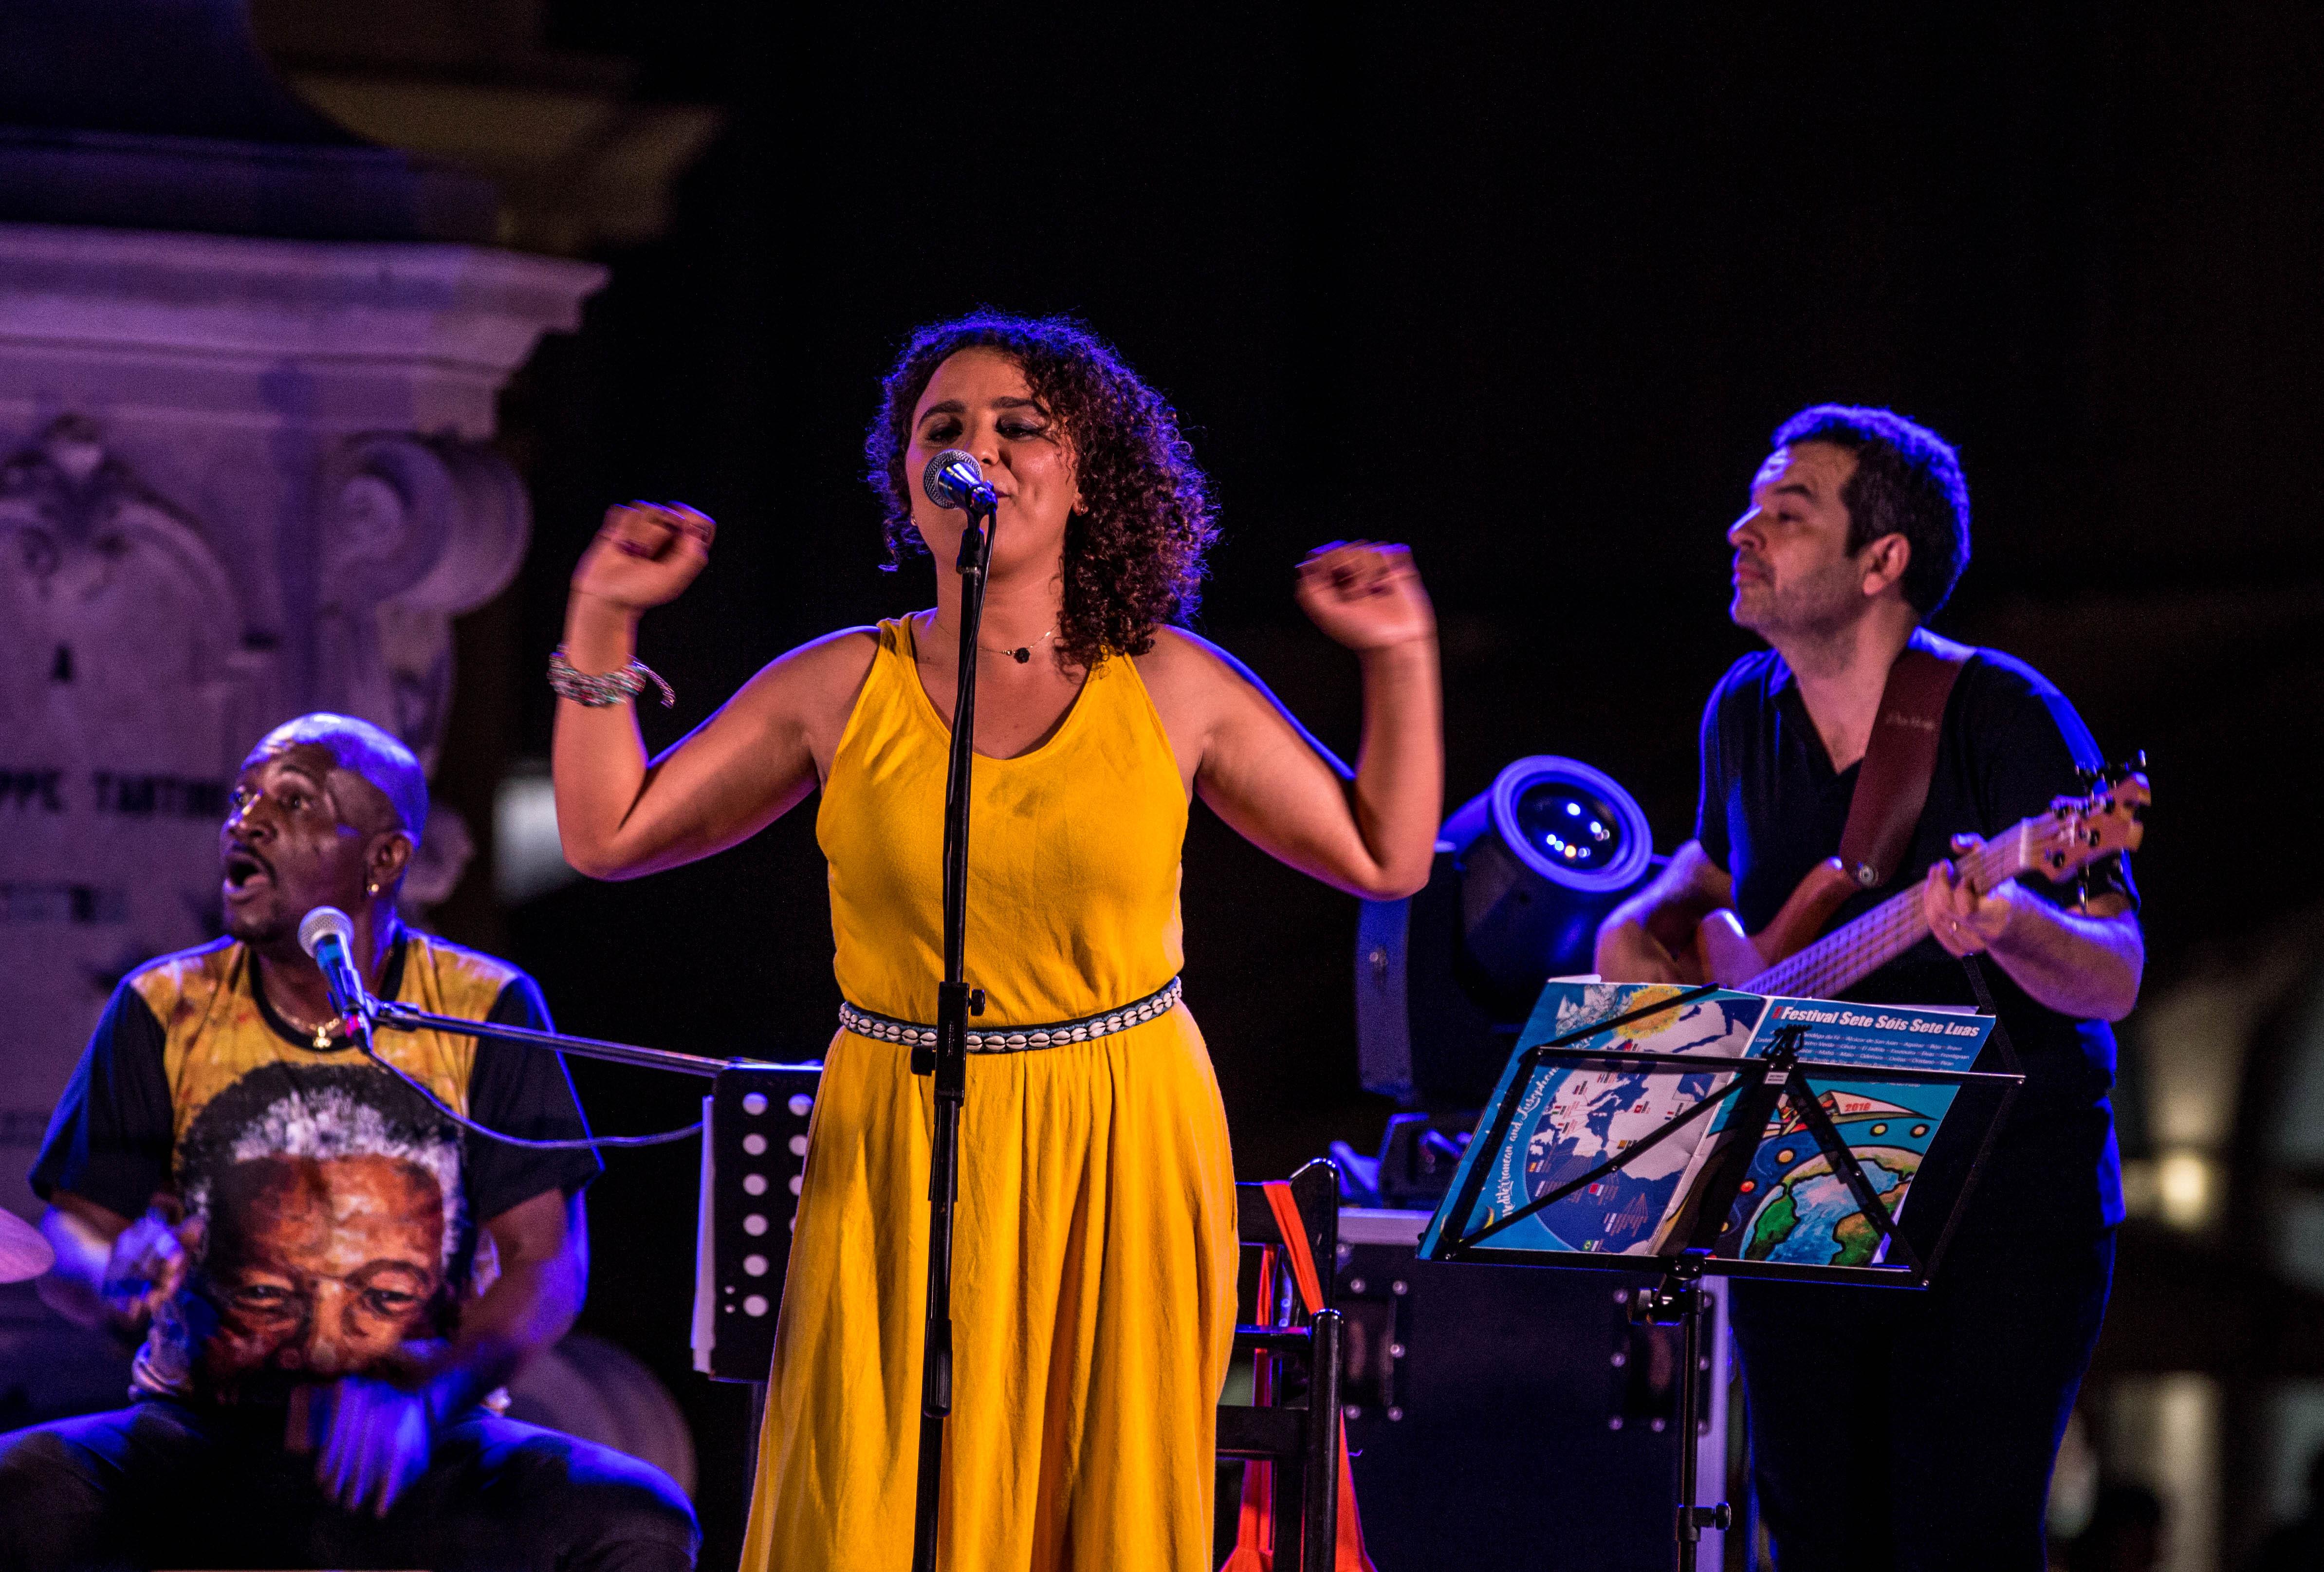 FOTO: Med.Arab.Jewish 7 Sóis Orkestra @ Festival Sete Sóis Sete Luas 16.7.2019